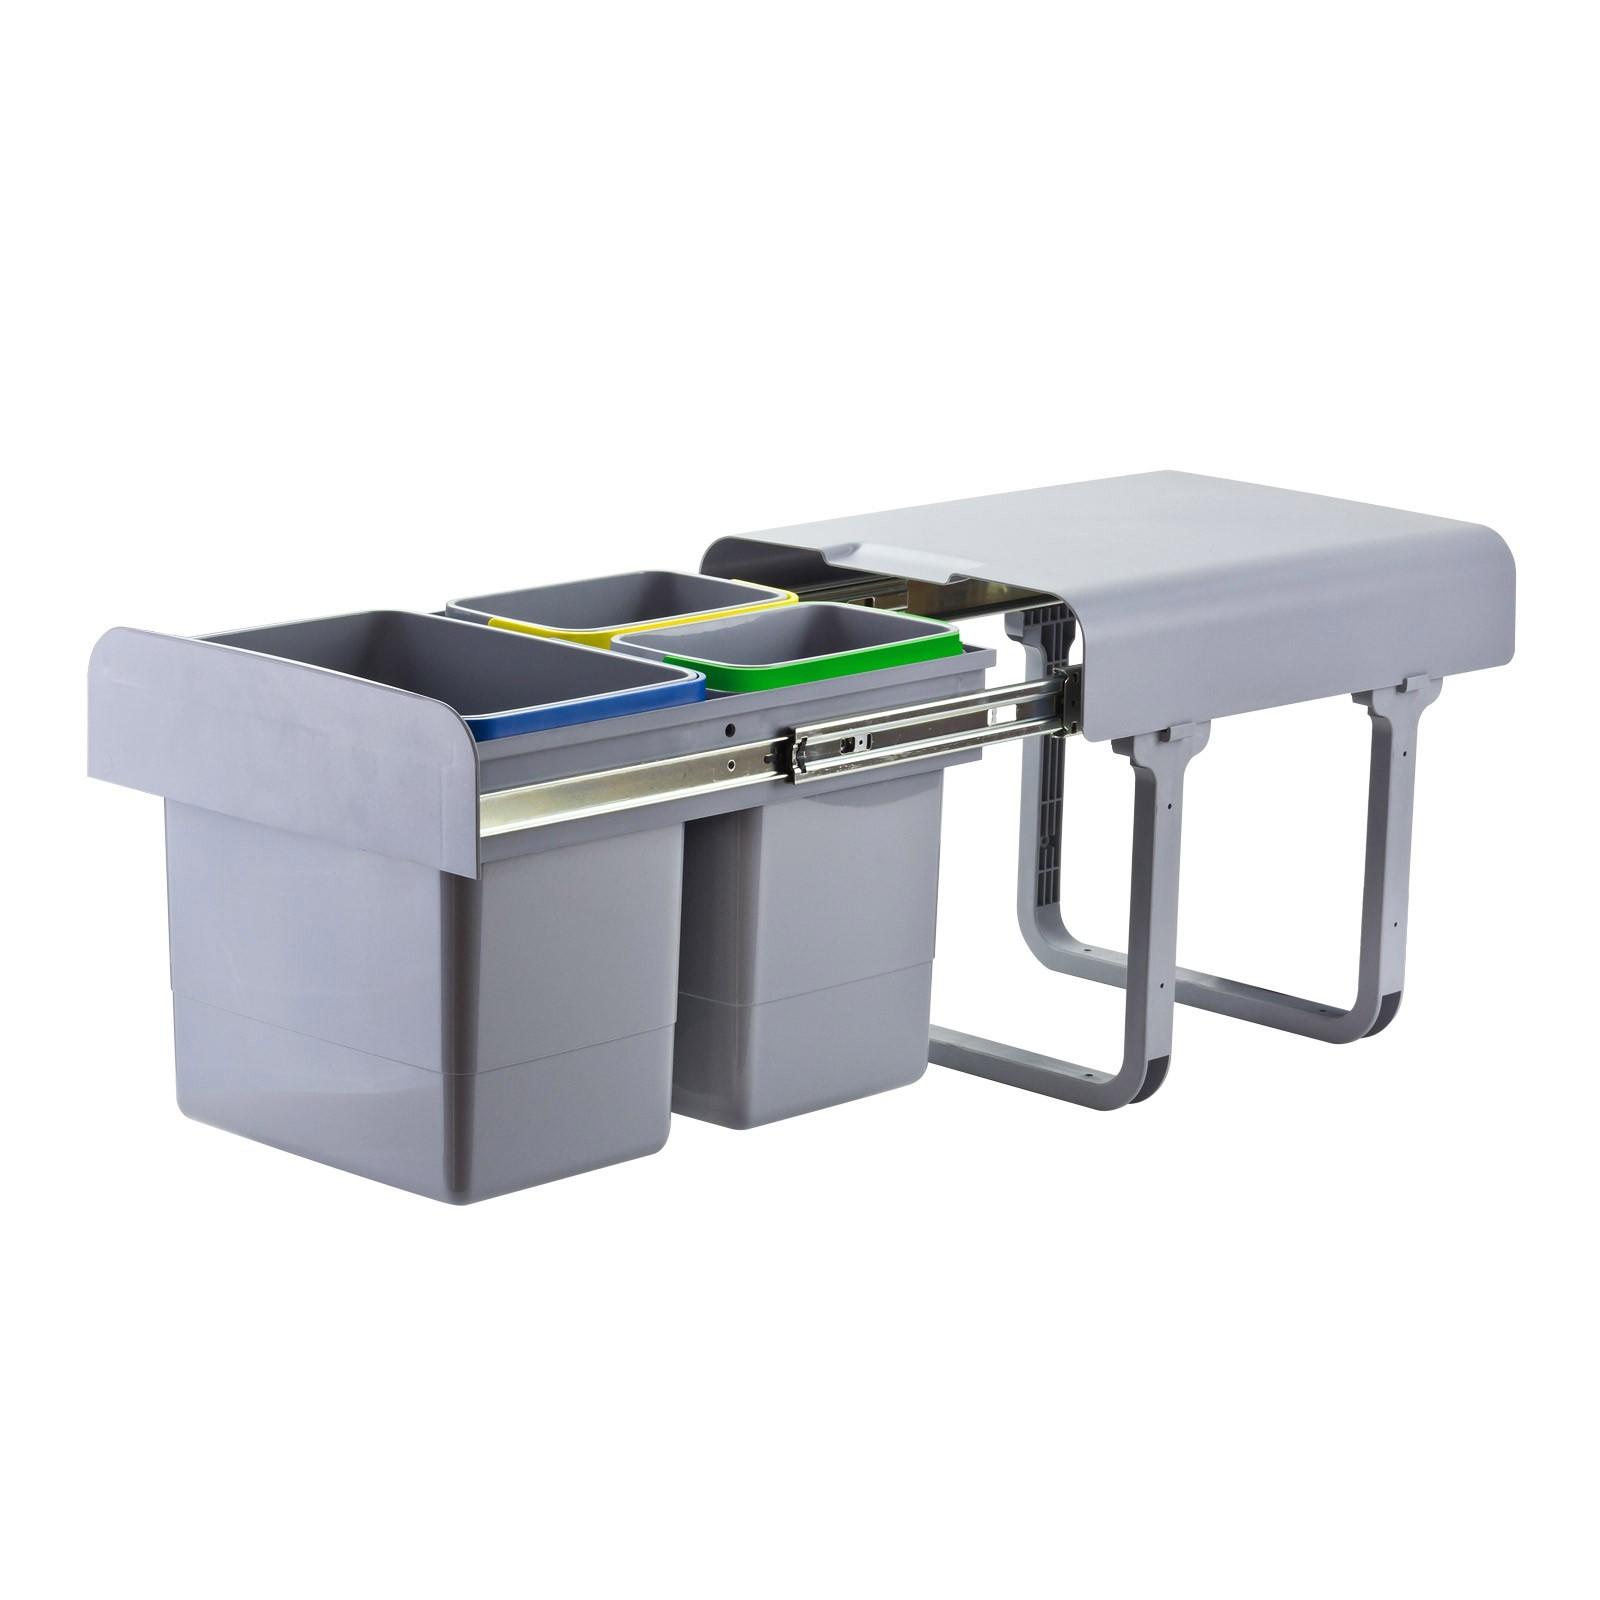 Dema Abfallsammler Mülleimer Müllsammler 1x15 L + 2x7 L Abfalleimer Abfallbehälter 13001